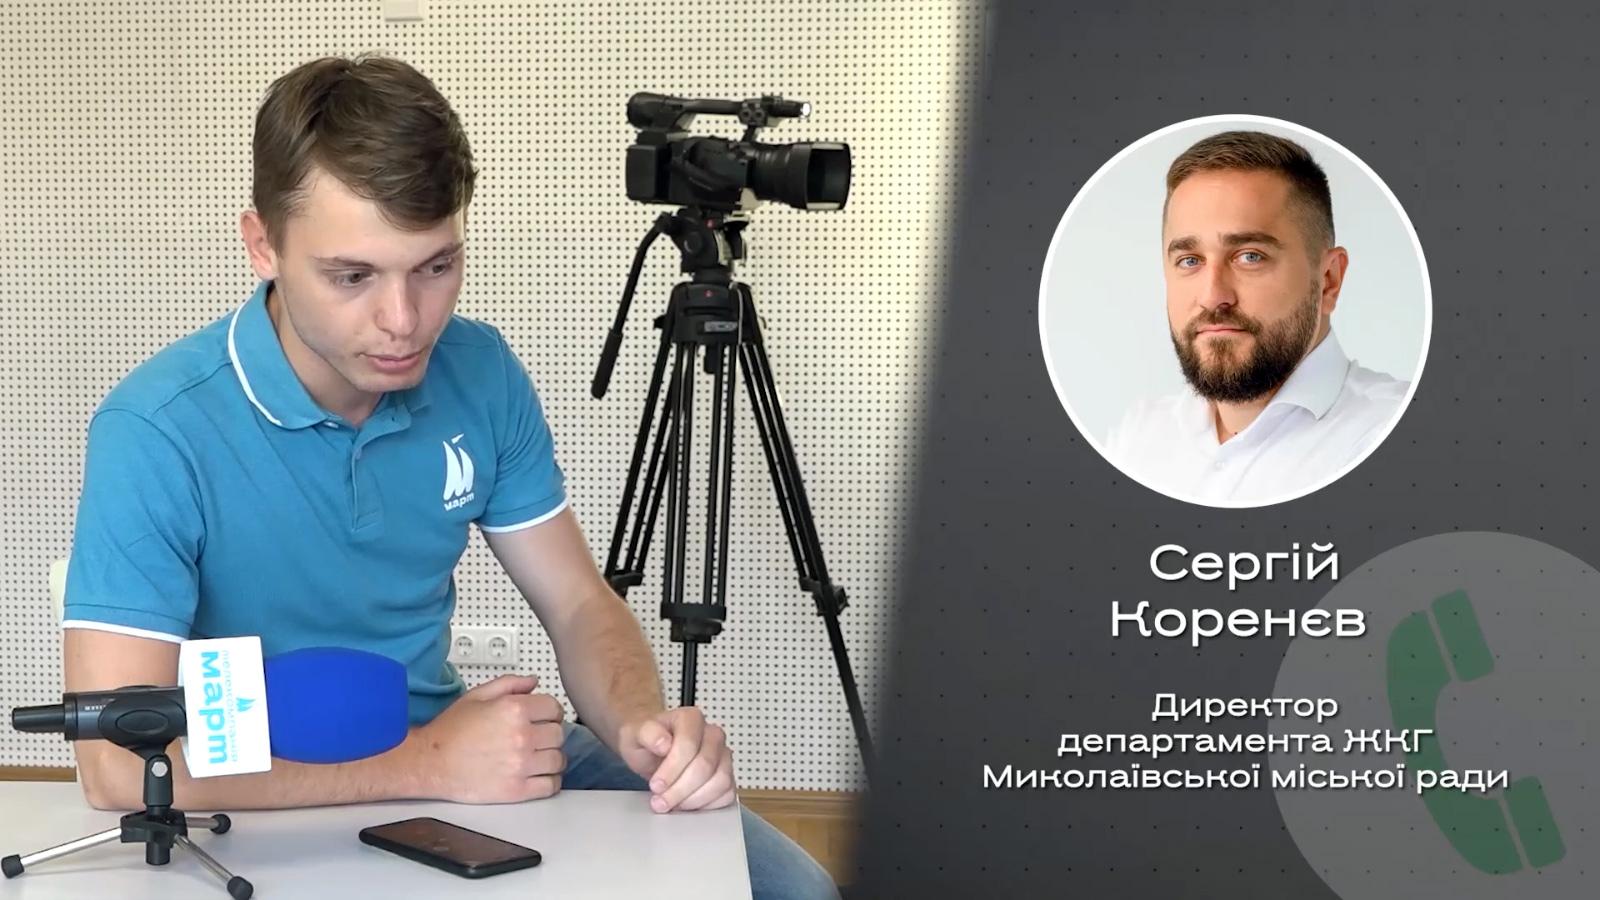 Сергій Коренєв